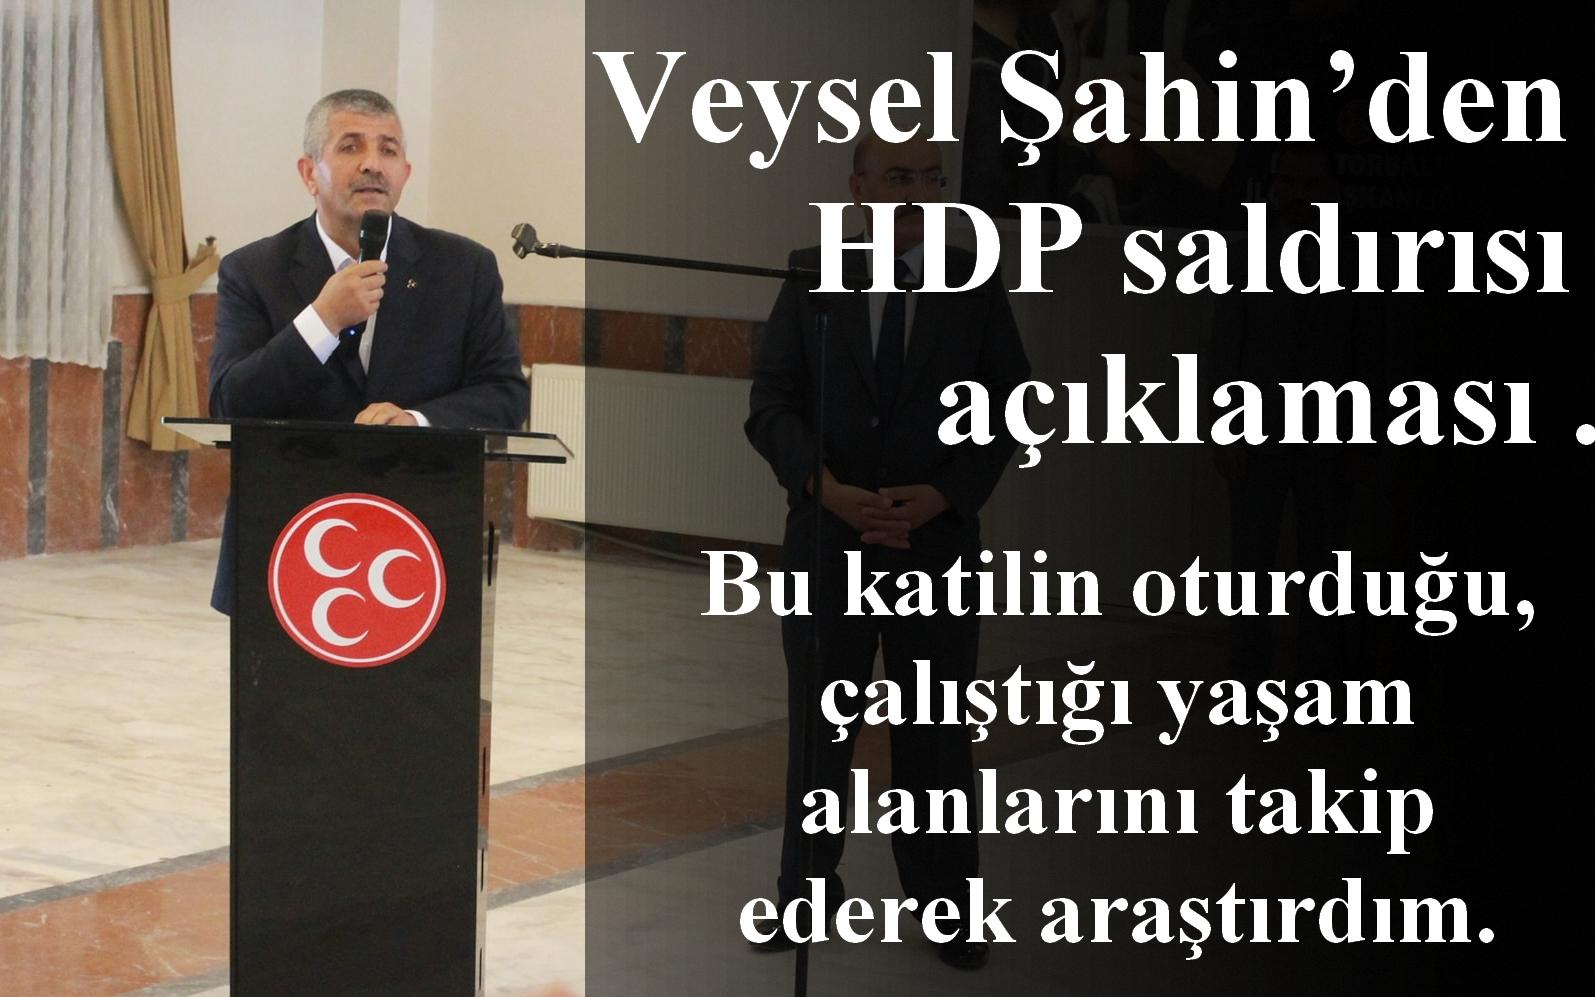 MHP'li Şahin'den 'HDP saldırısı' açıklaması